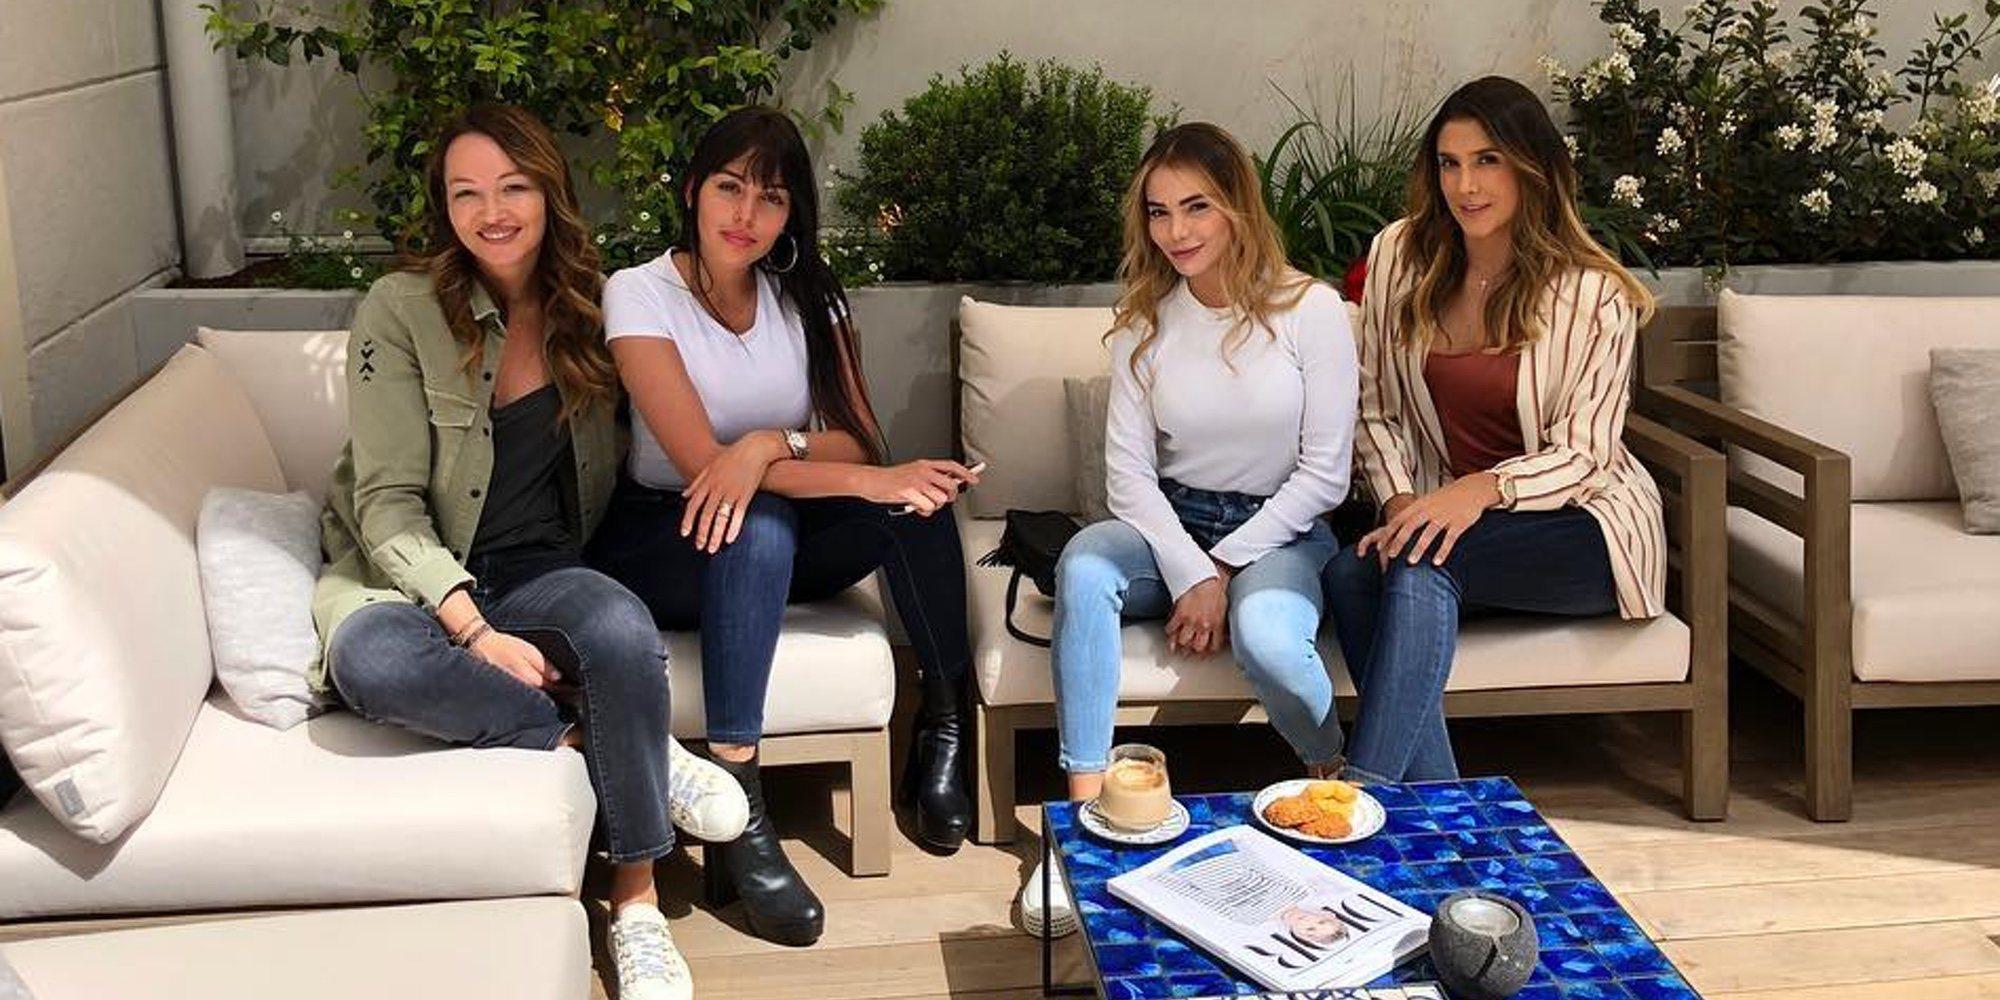 Así es la buena relación entre Daniela Ospina, ex de James Rodríguez, y Georgina Rodríguez